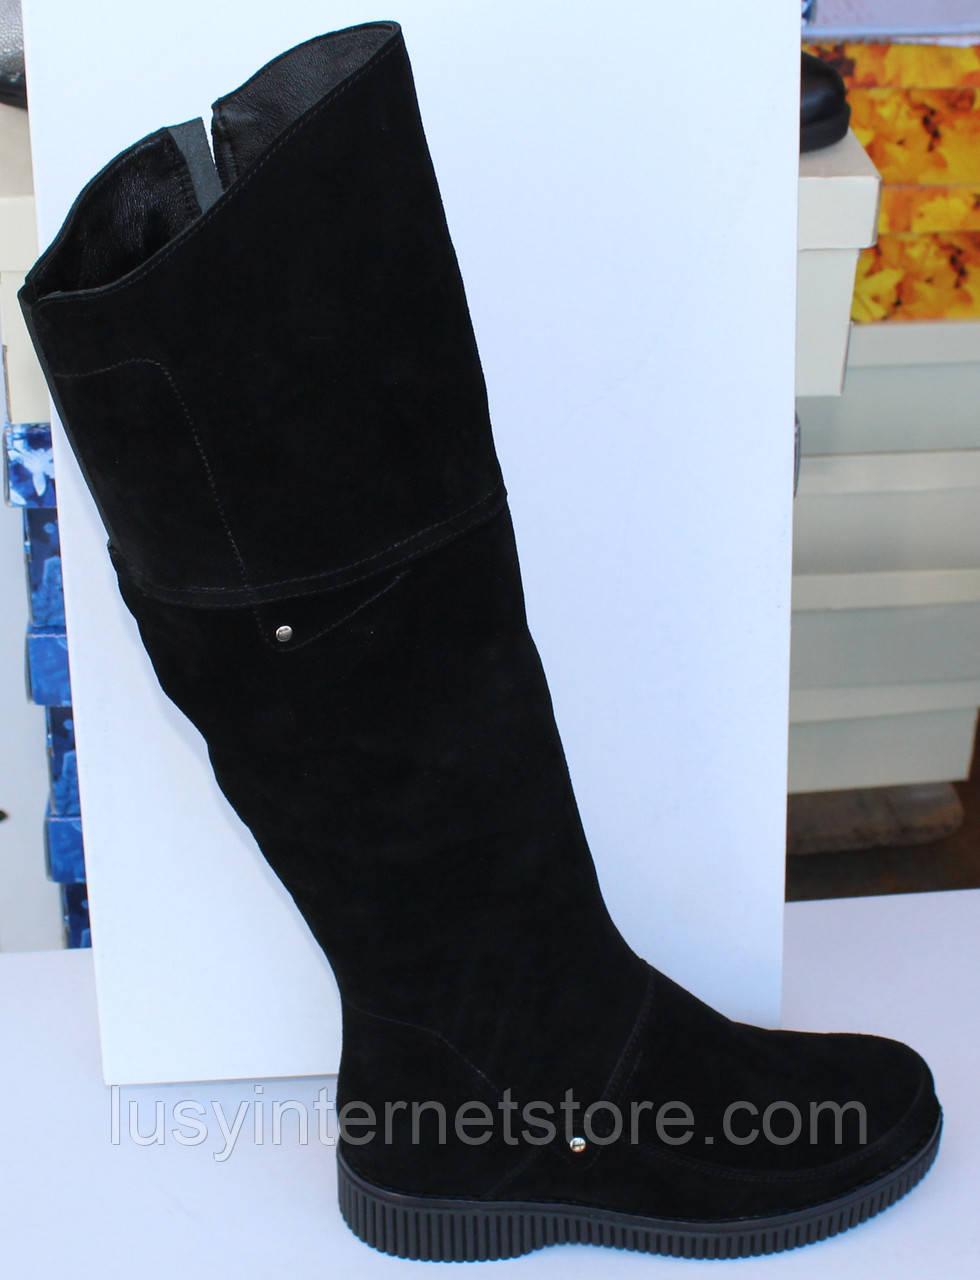 b9fa0c60a Женские замшевые зимние сапоги на низком ходу, зимние сапоги на худую ногу  от производителя модель